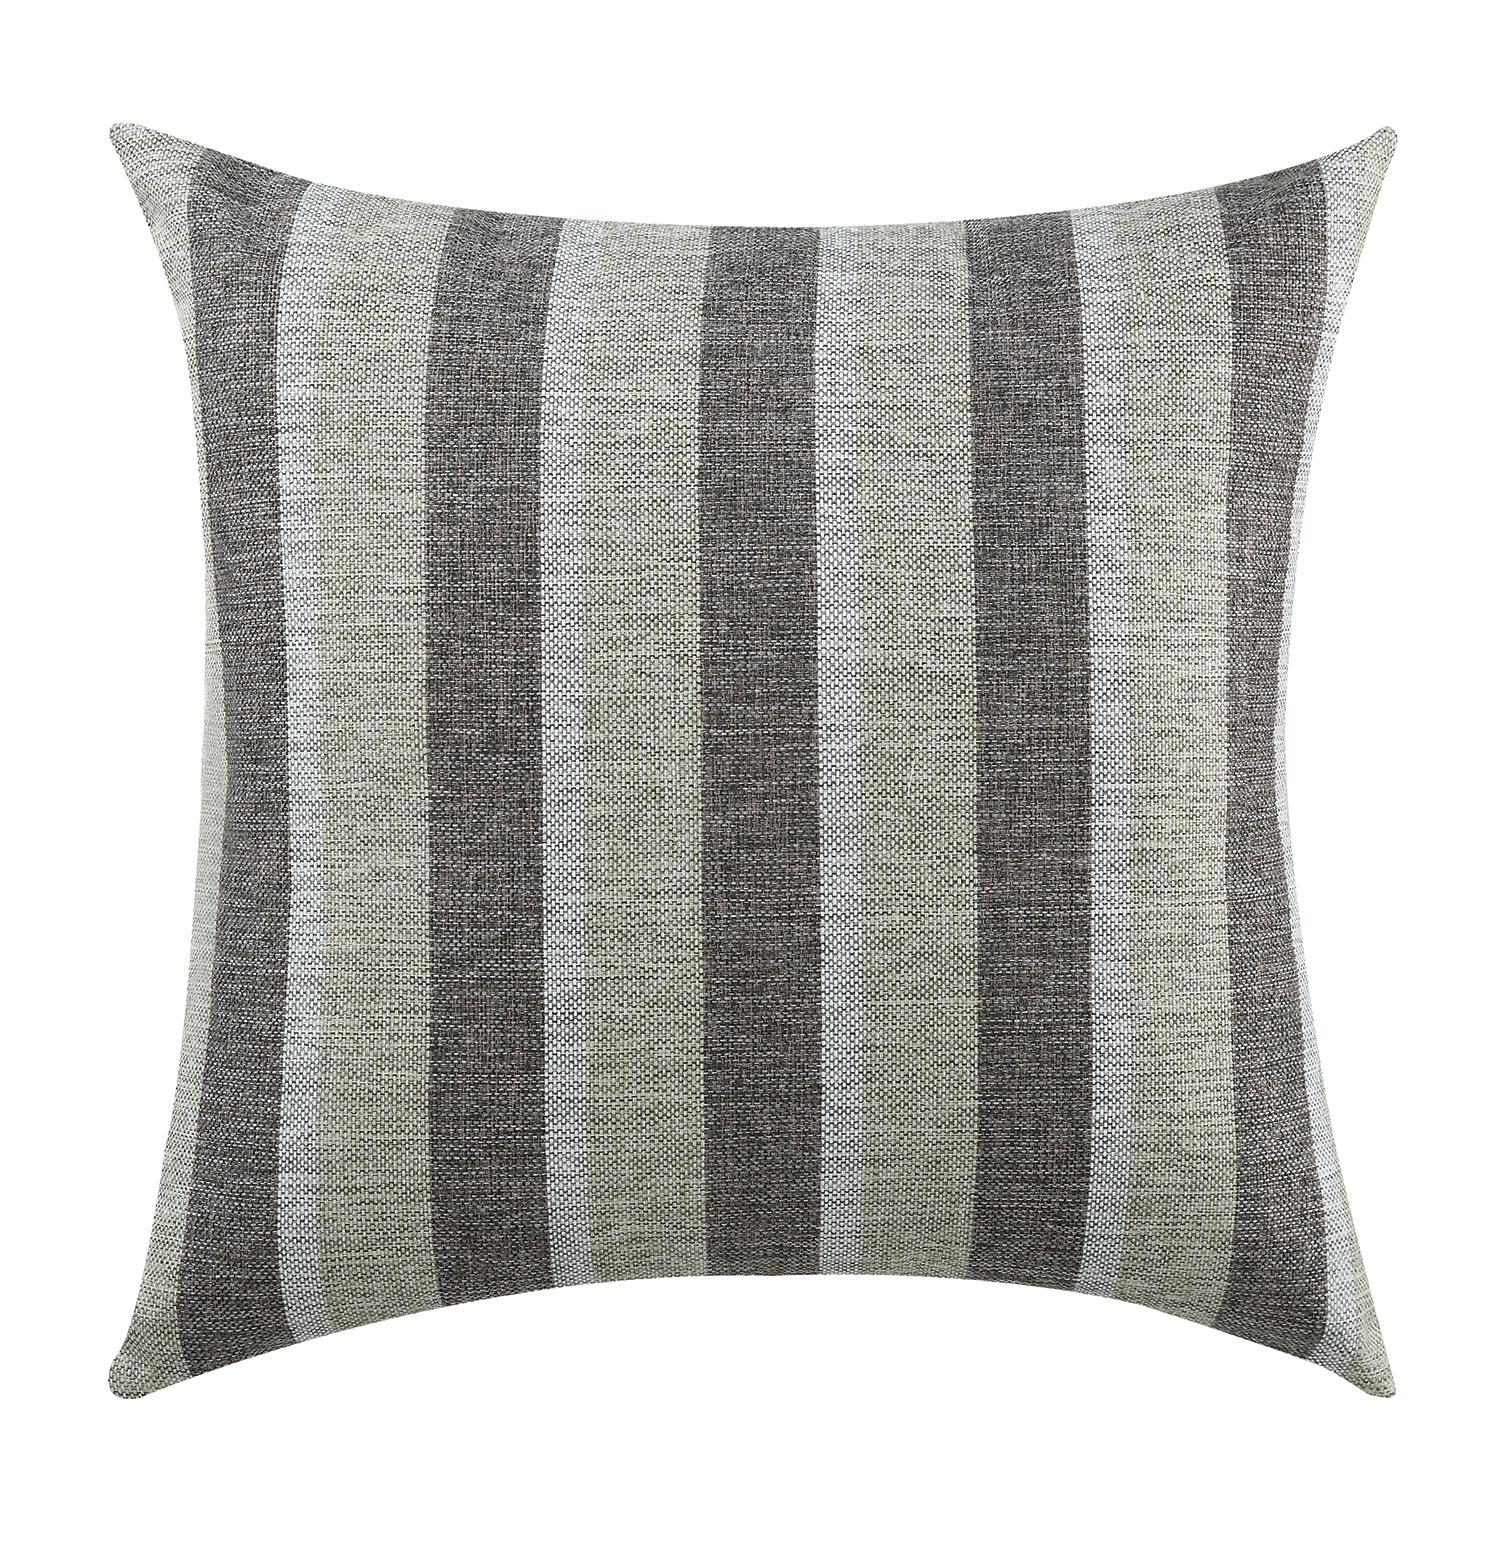 Coaster Throw Pillows Pillow - Item Number: 905101